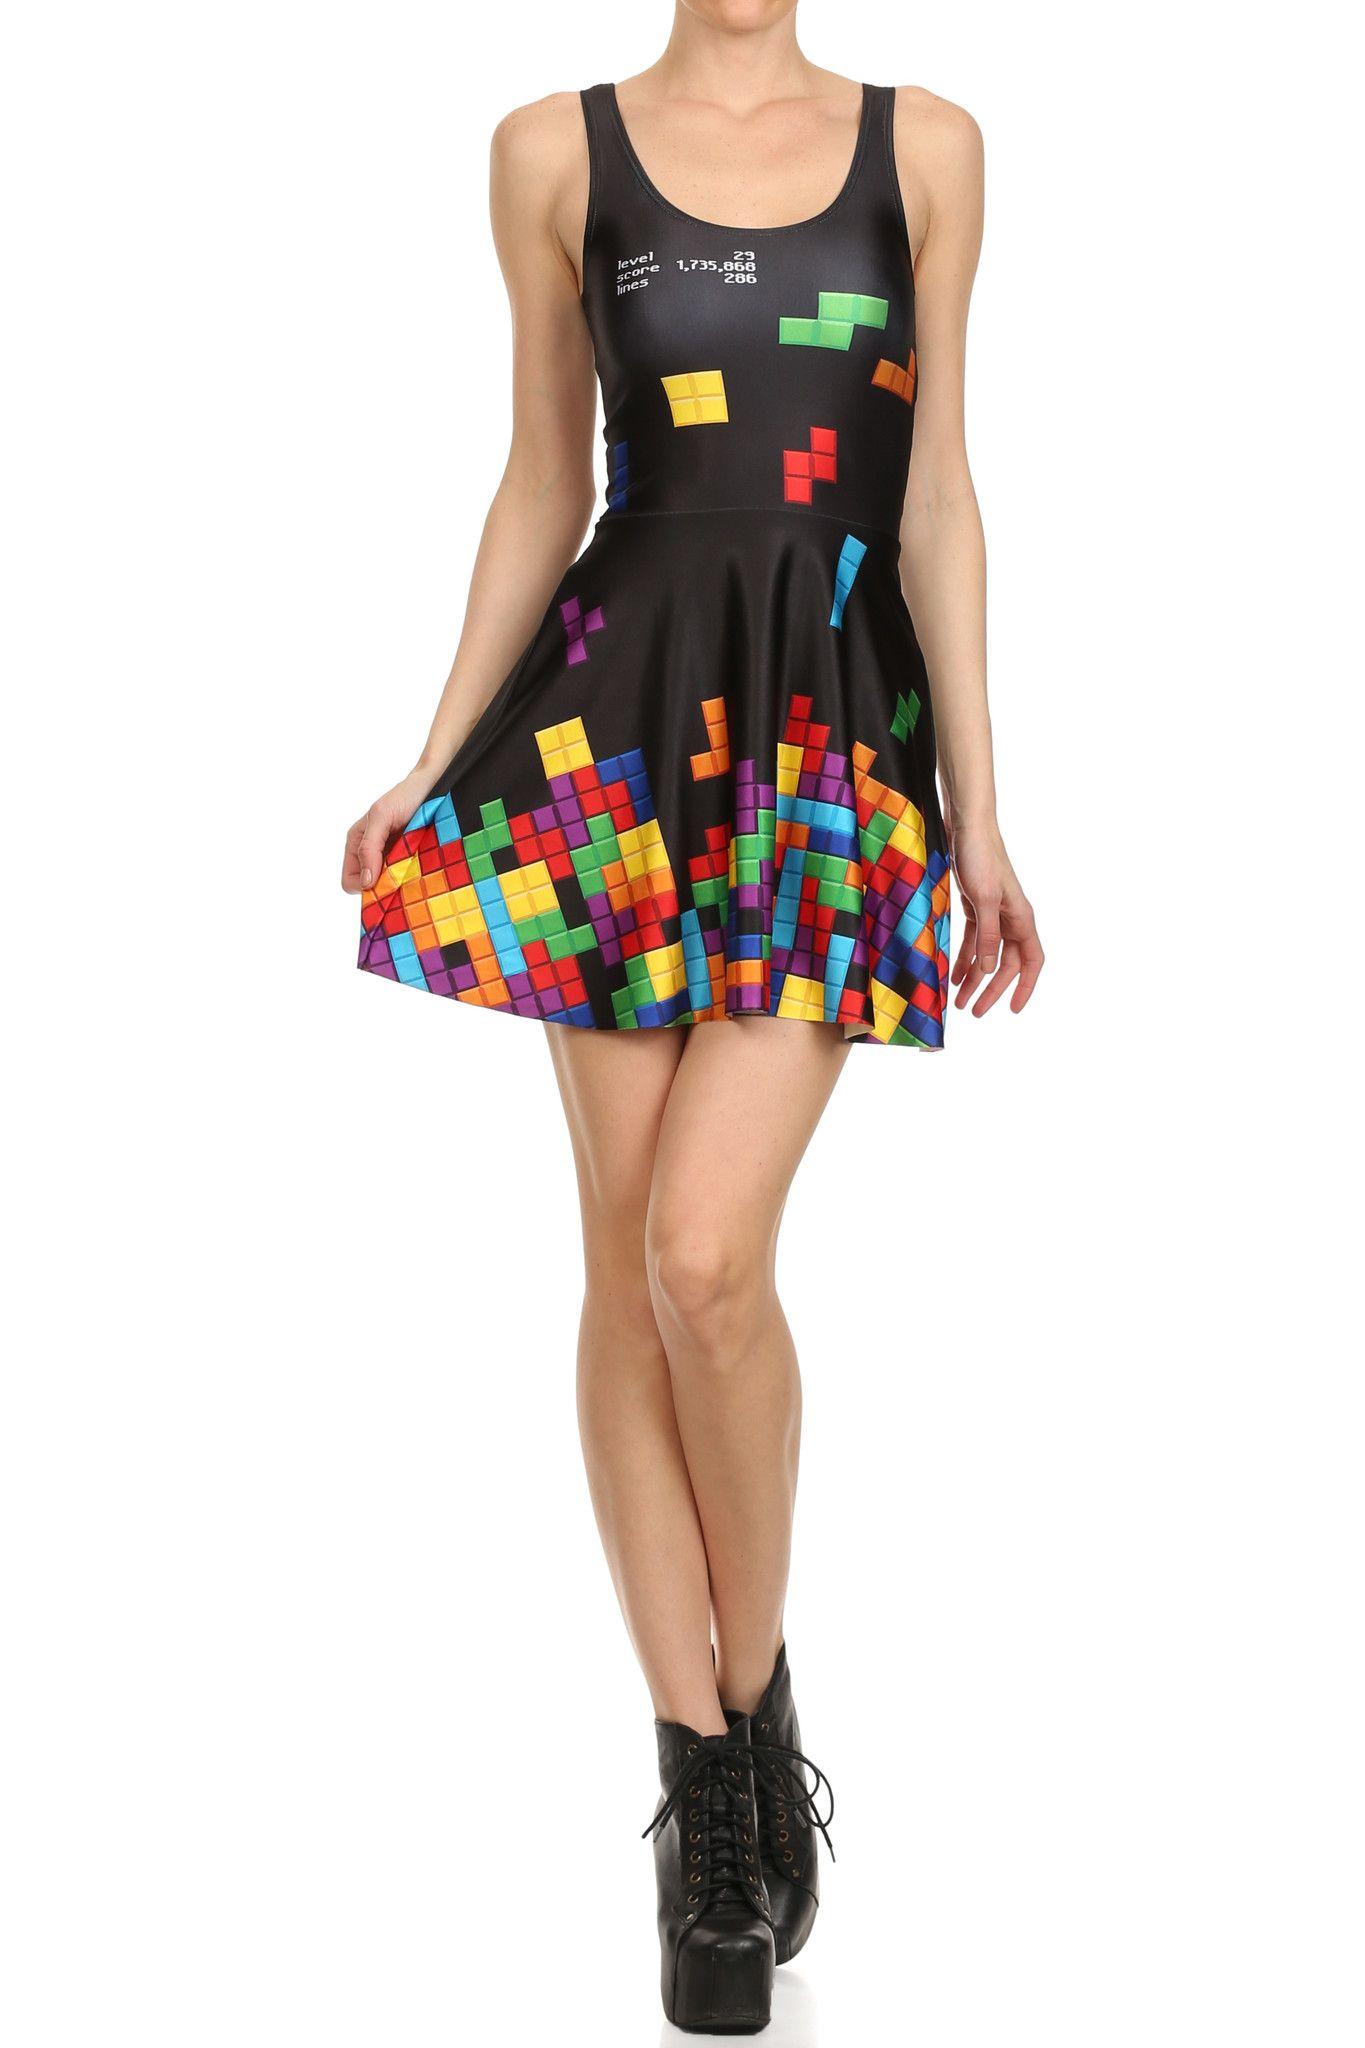 tetris skater dress - Tetris Planken